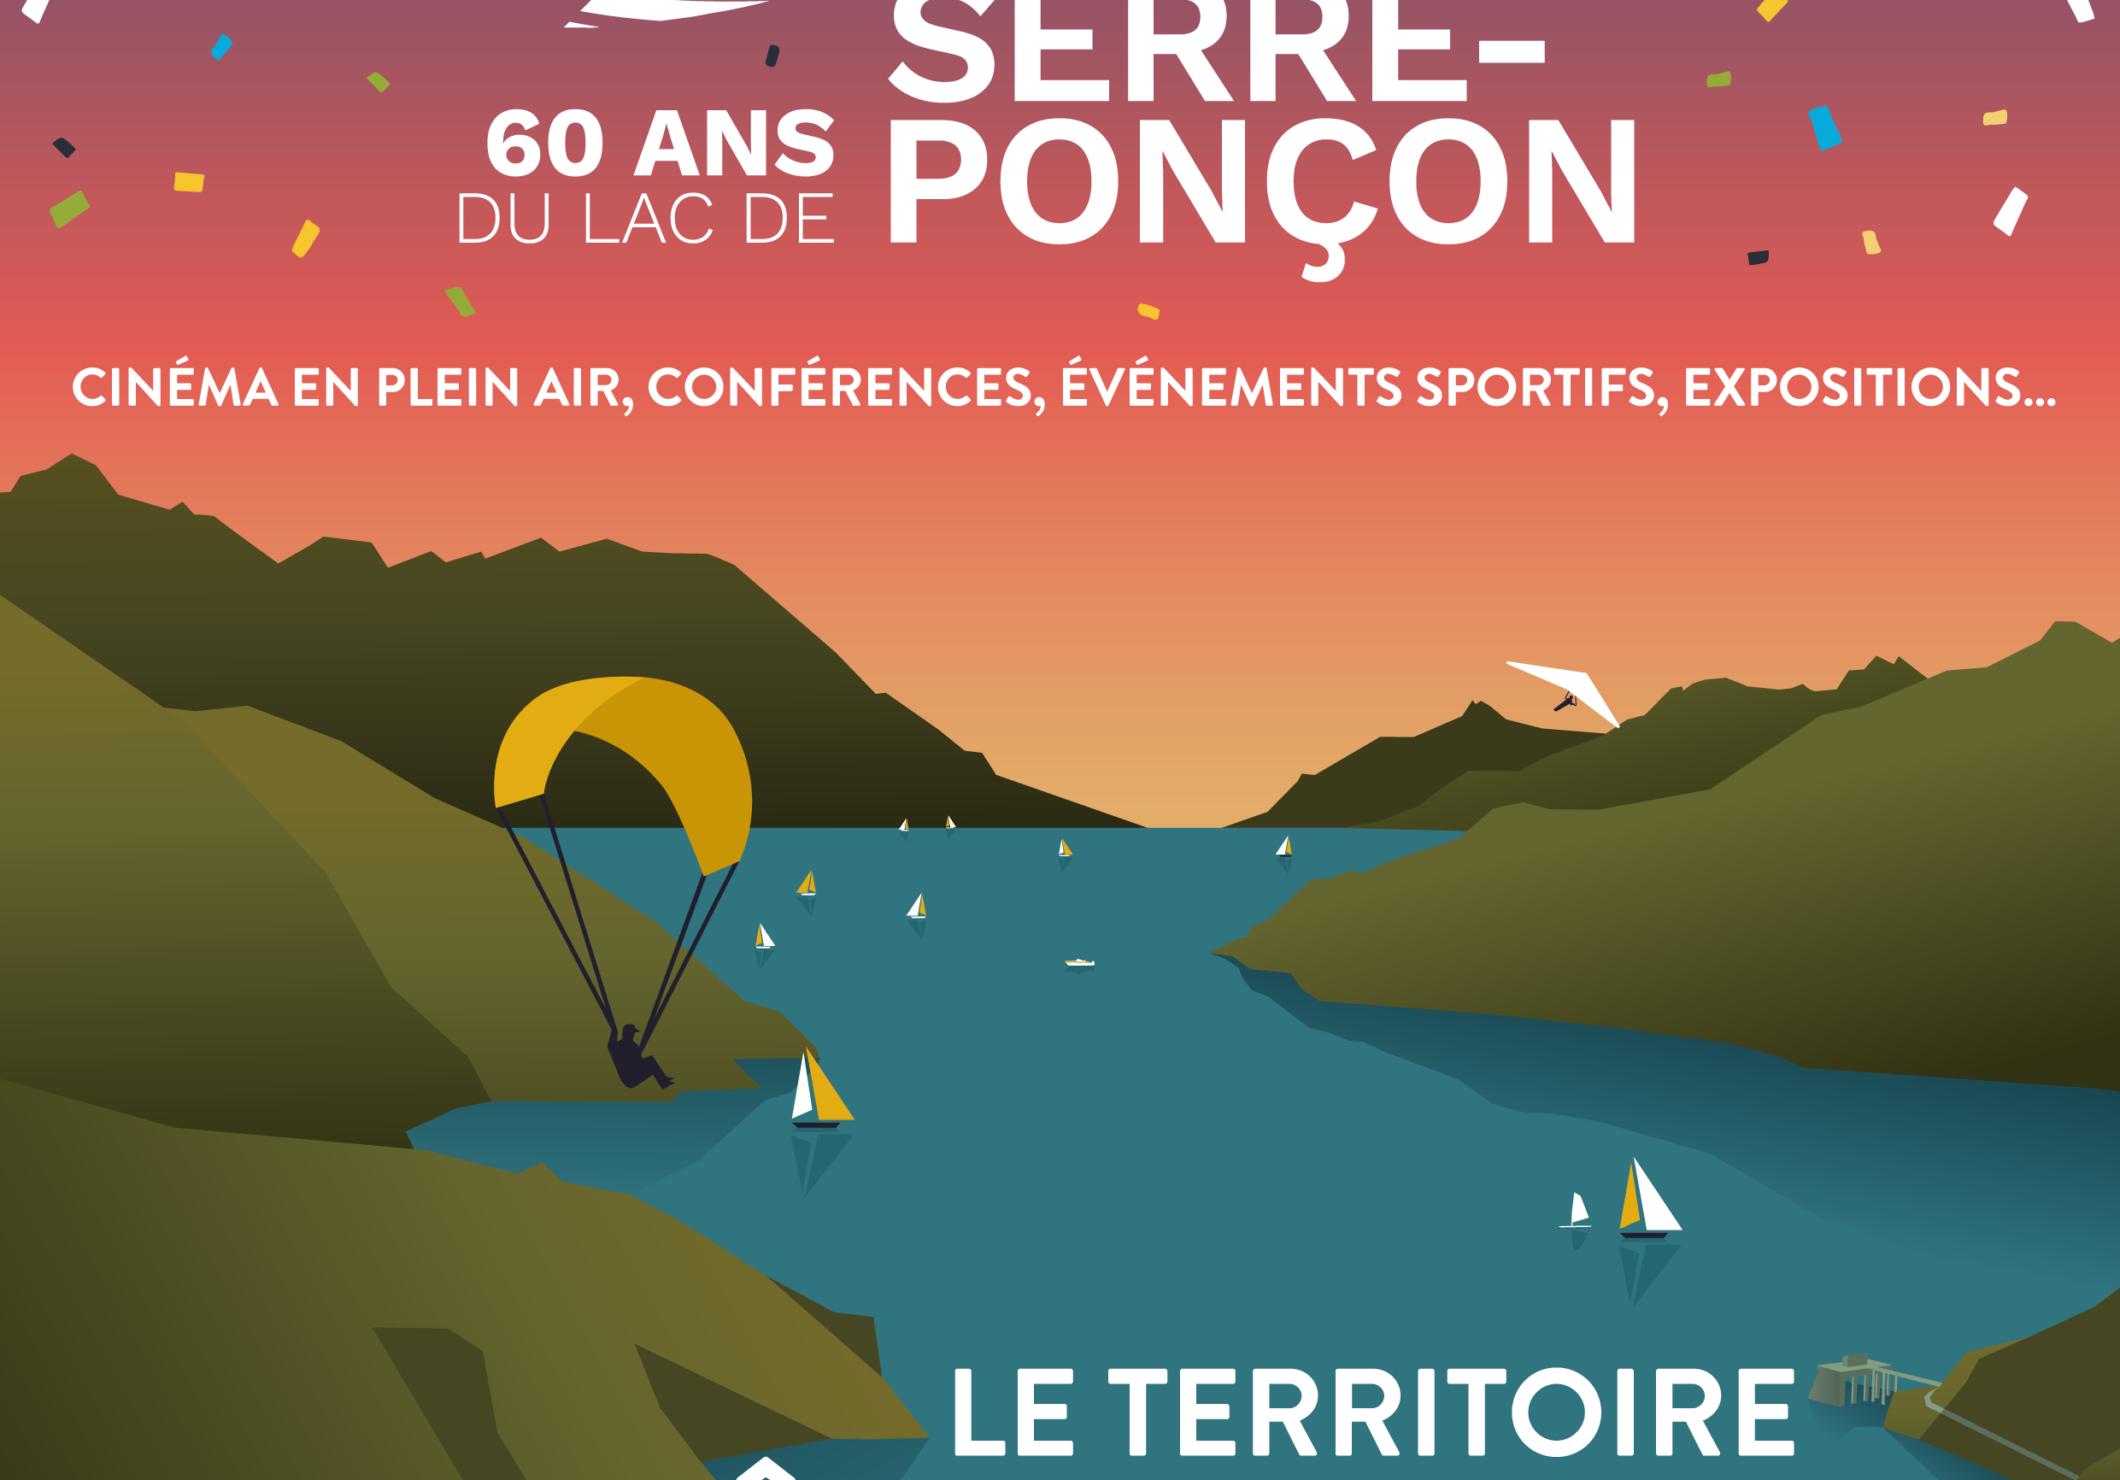 60 ans du lac de Serre-Ponçon